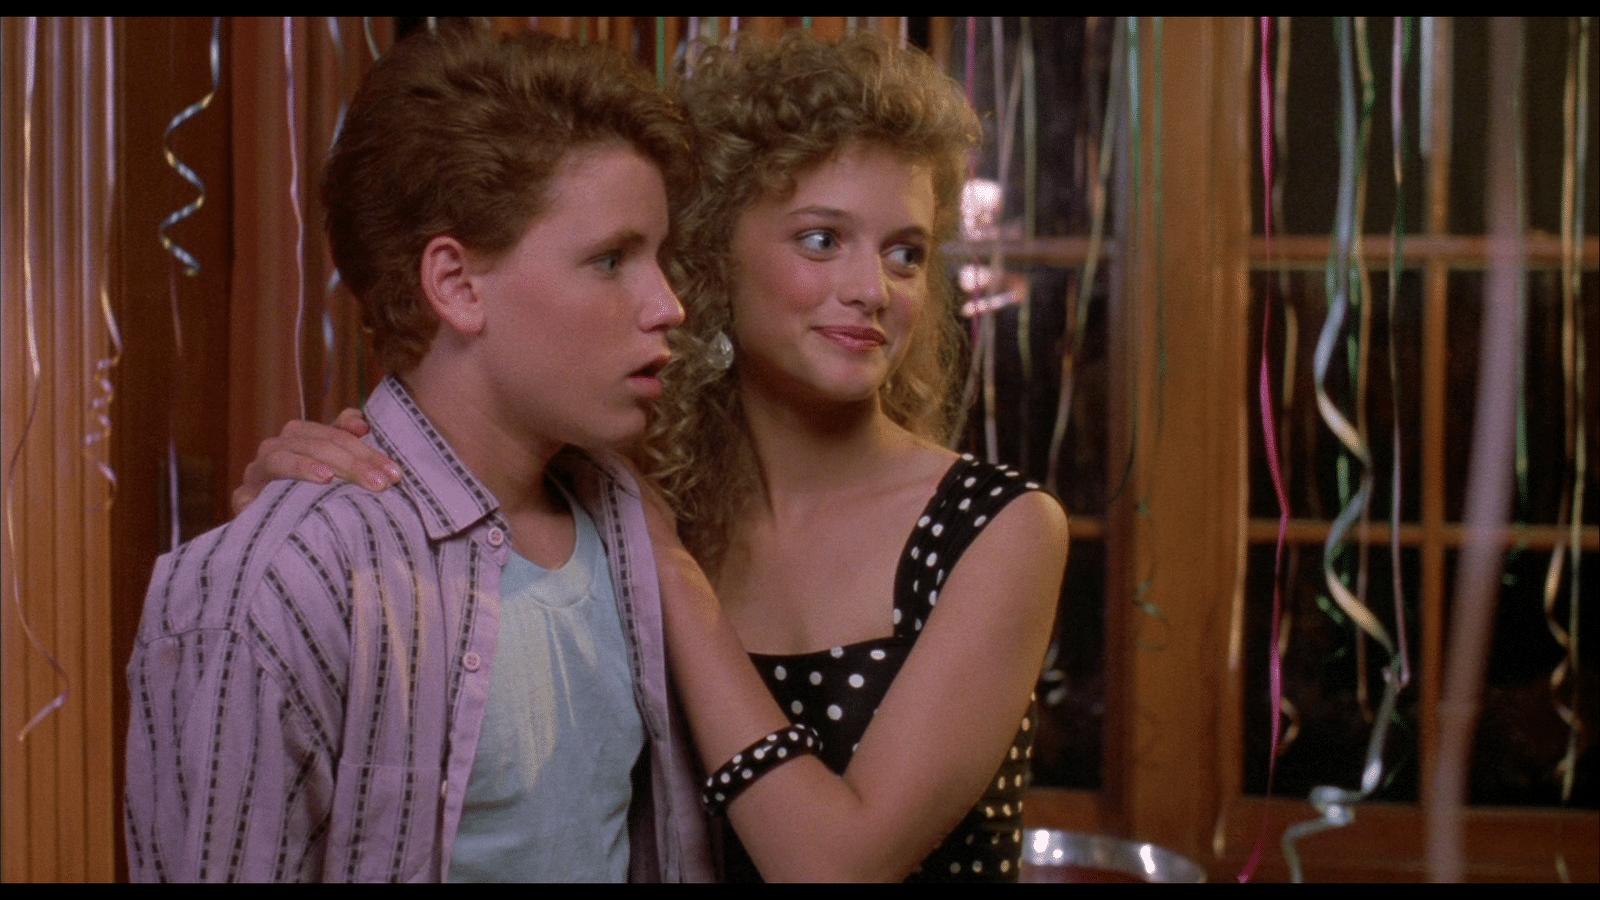 Filmes De Comedia Dos Anos 80 for sem licença para dirigir | comédia dos anos 80 vai ganhar reboot